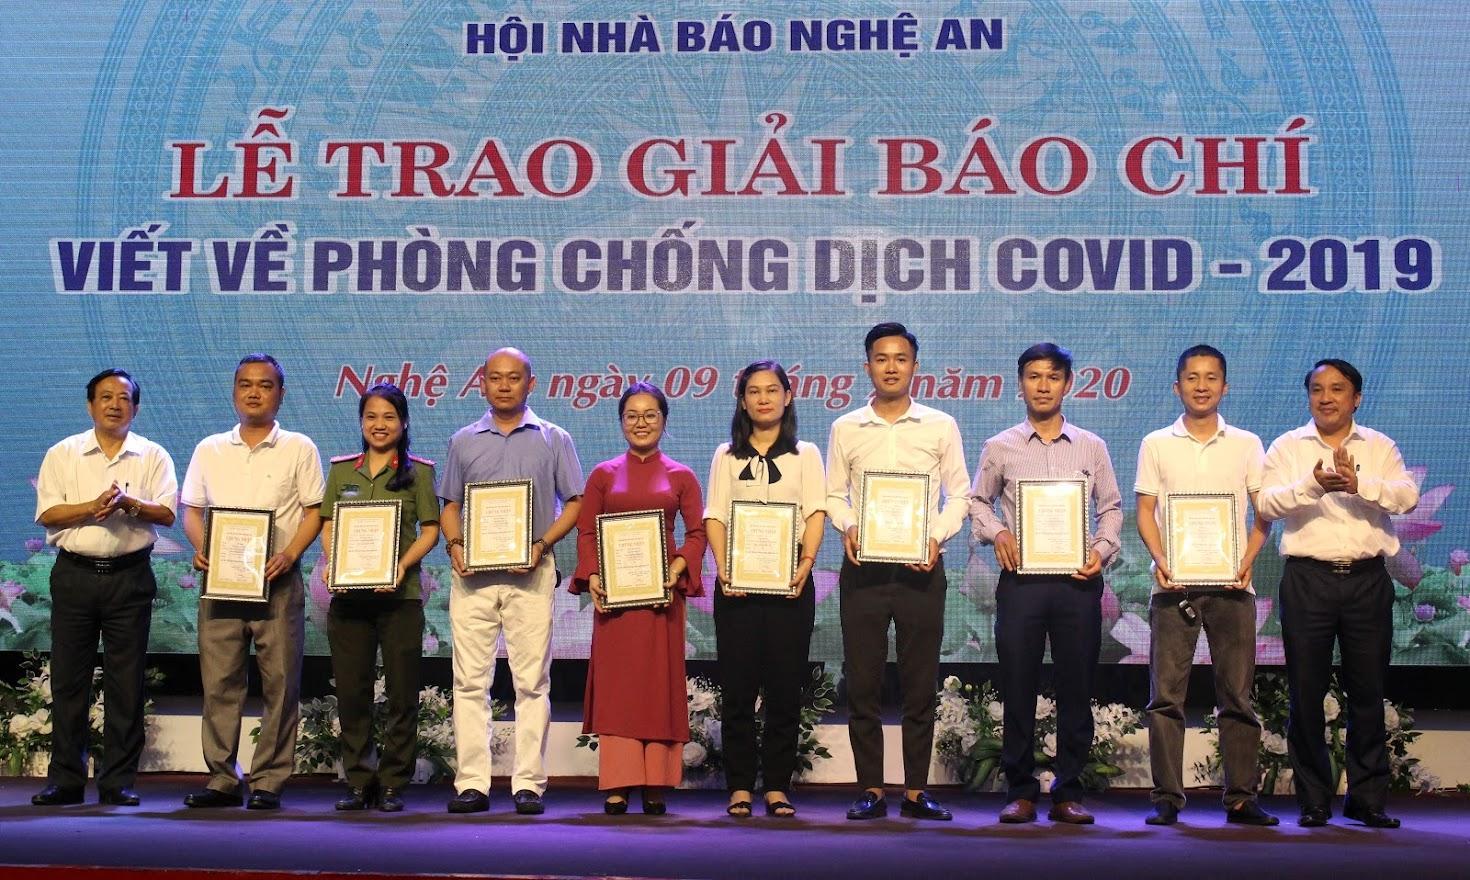 Ông Dương Đình Chỉnh - Giám đốc Sở Y tế và ông Trần Duy Ngoãn - Chủ tịch Hội Nhà báo tỉnh trao giải Ba cho các tác giả.